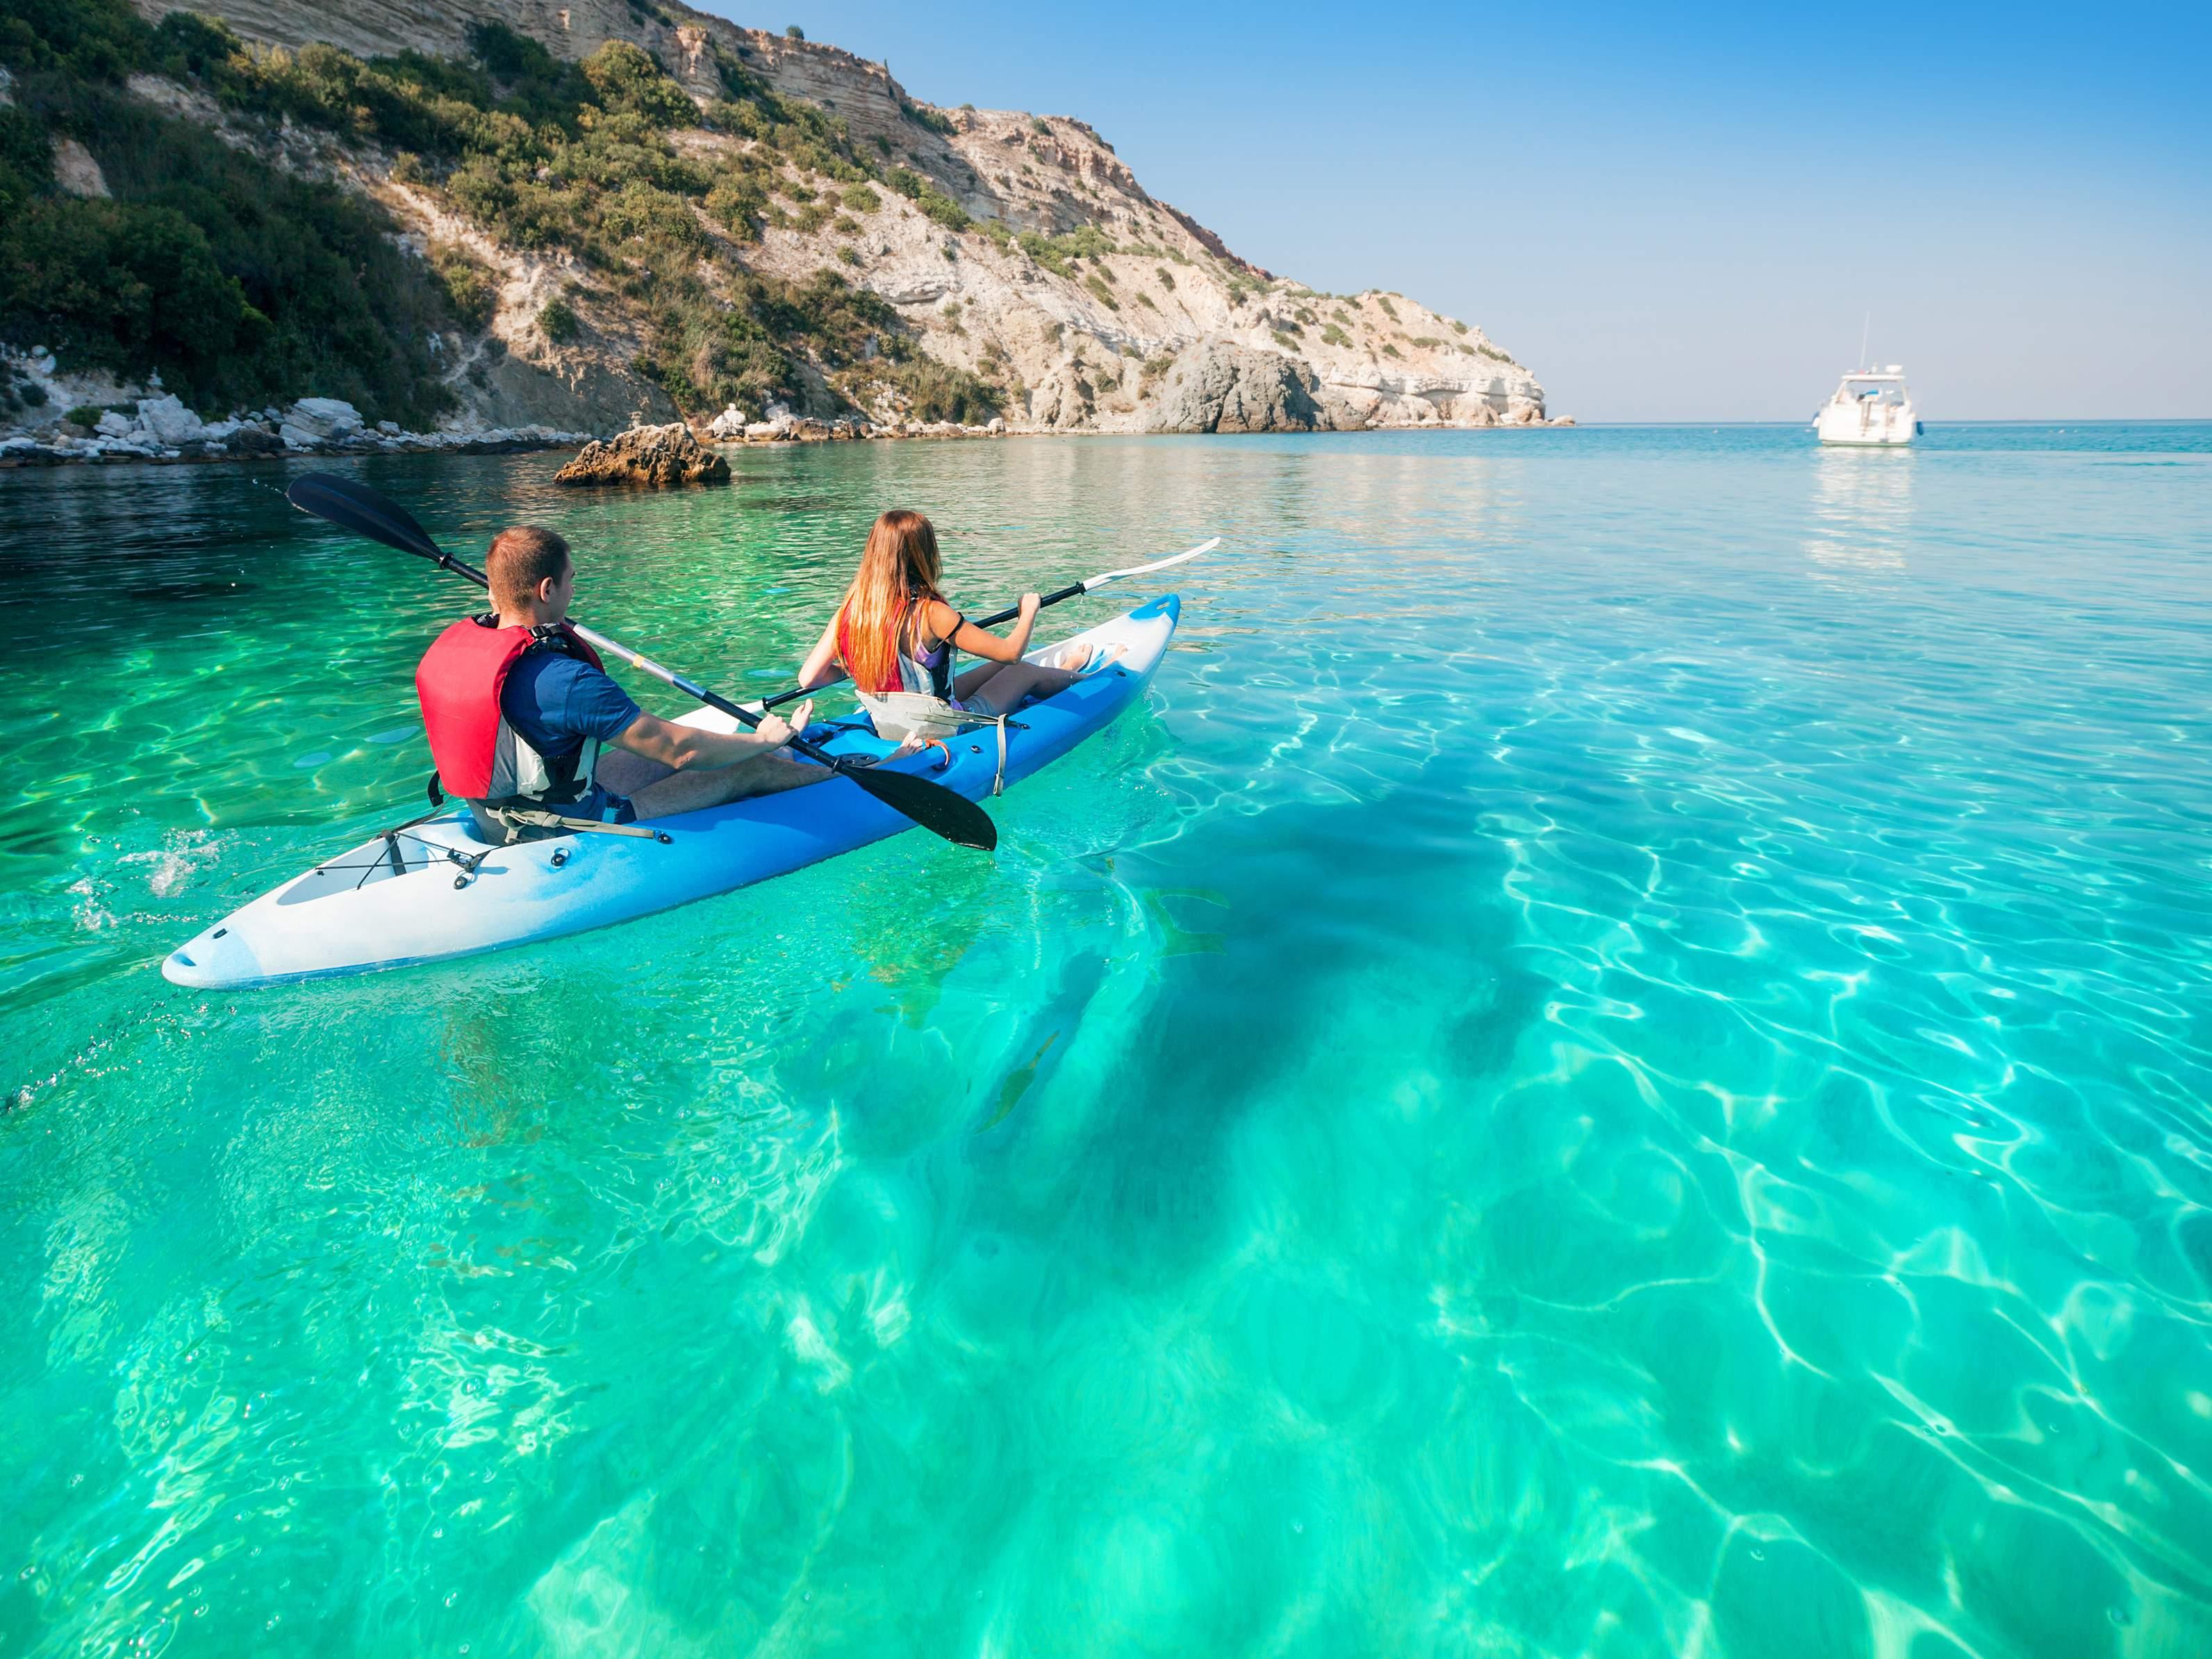 3 Days in Antalya - Travel Booking Turkey